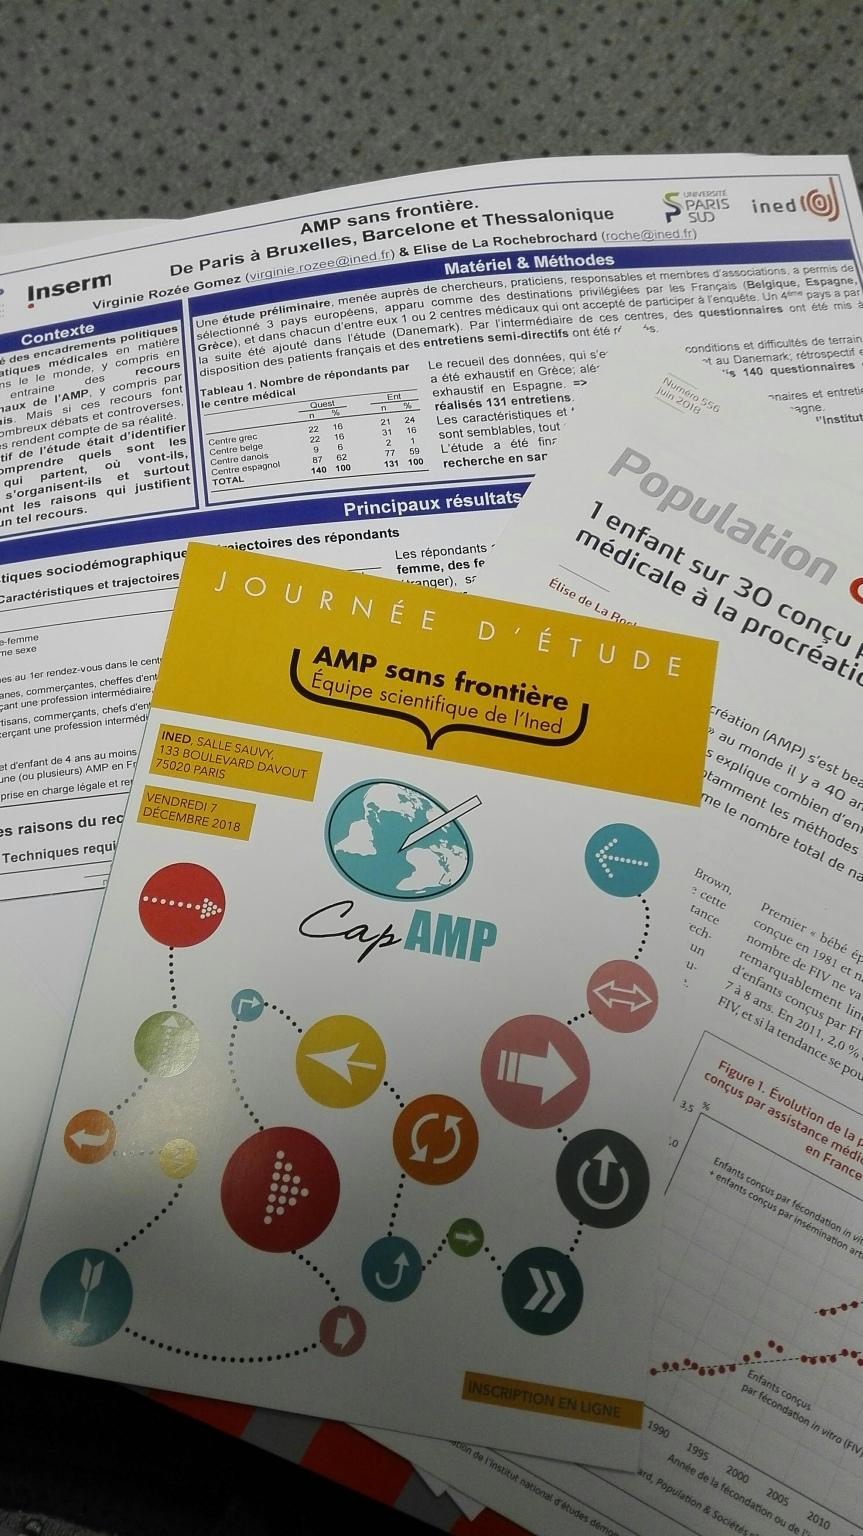 AMP sans frontières : une pré-enquête prometteuse!